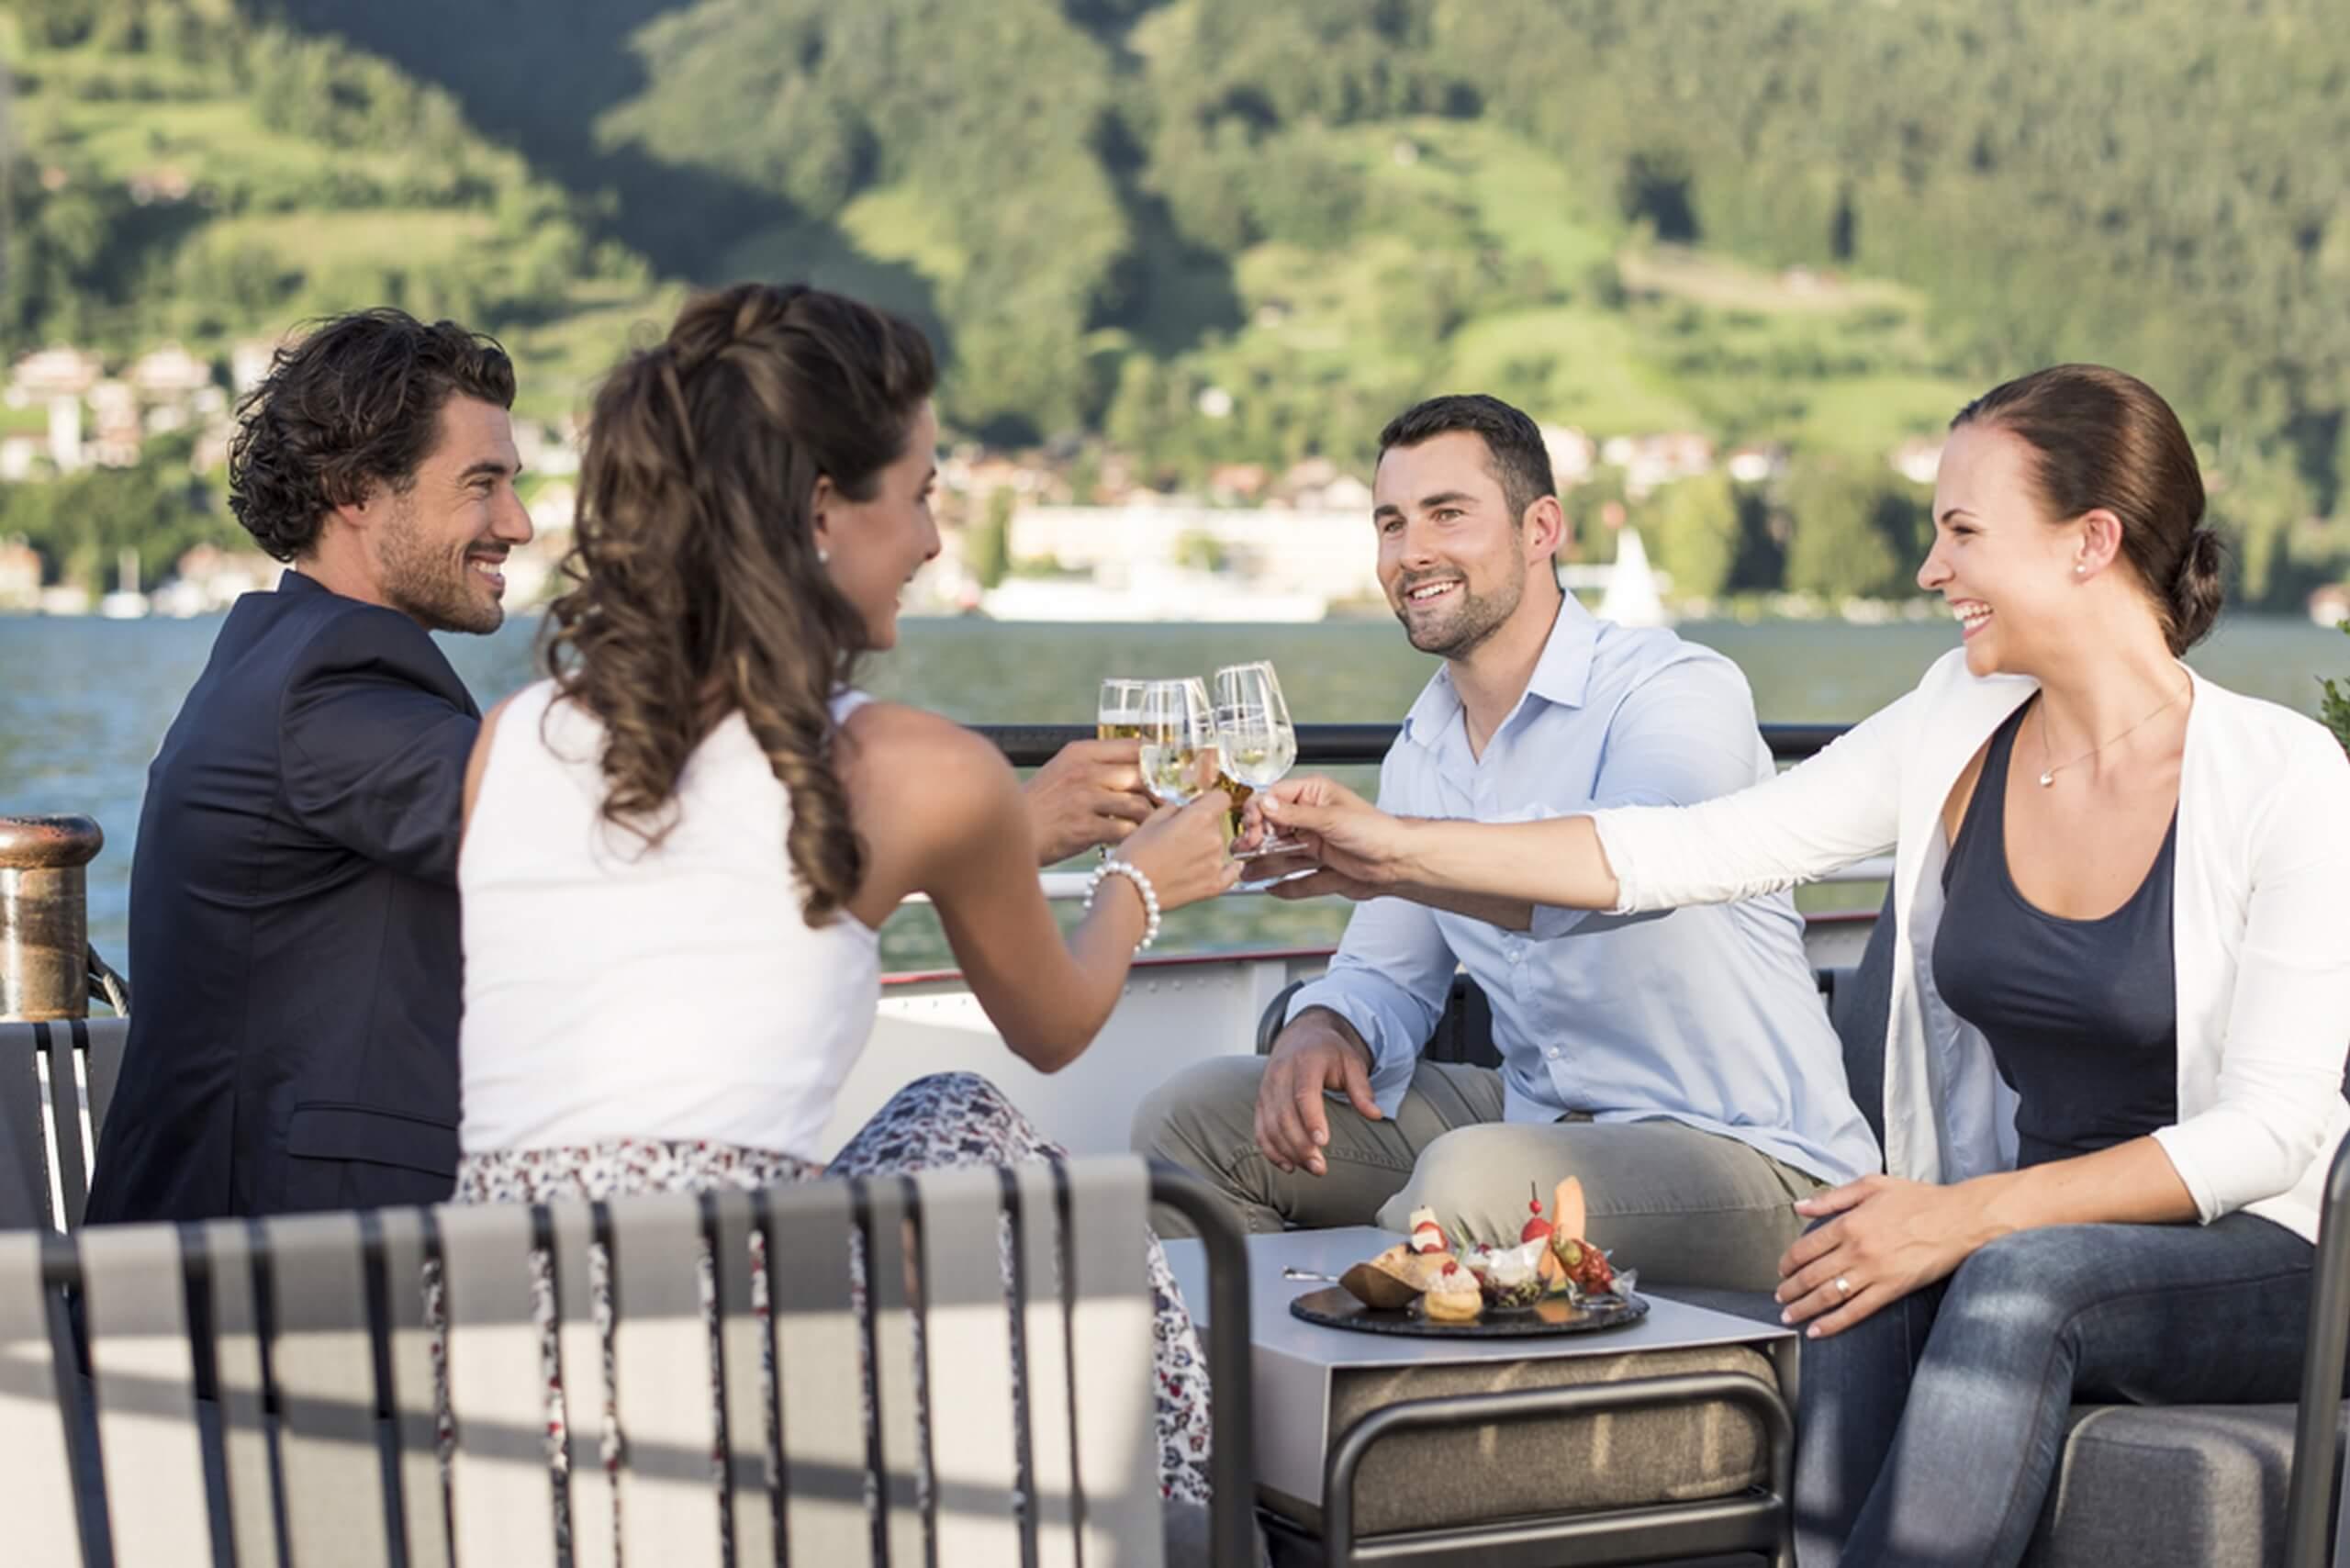 thunersee-bls-schifffahrt-essen-geselligkeit